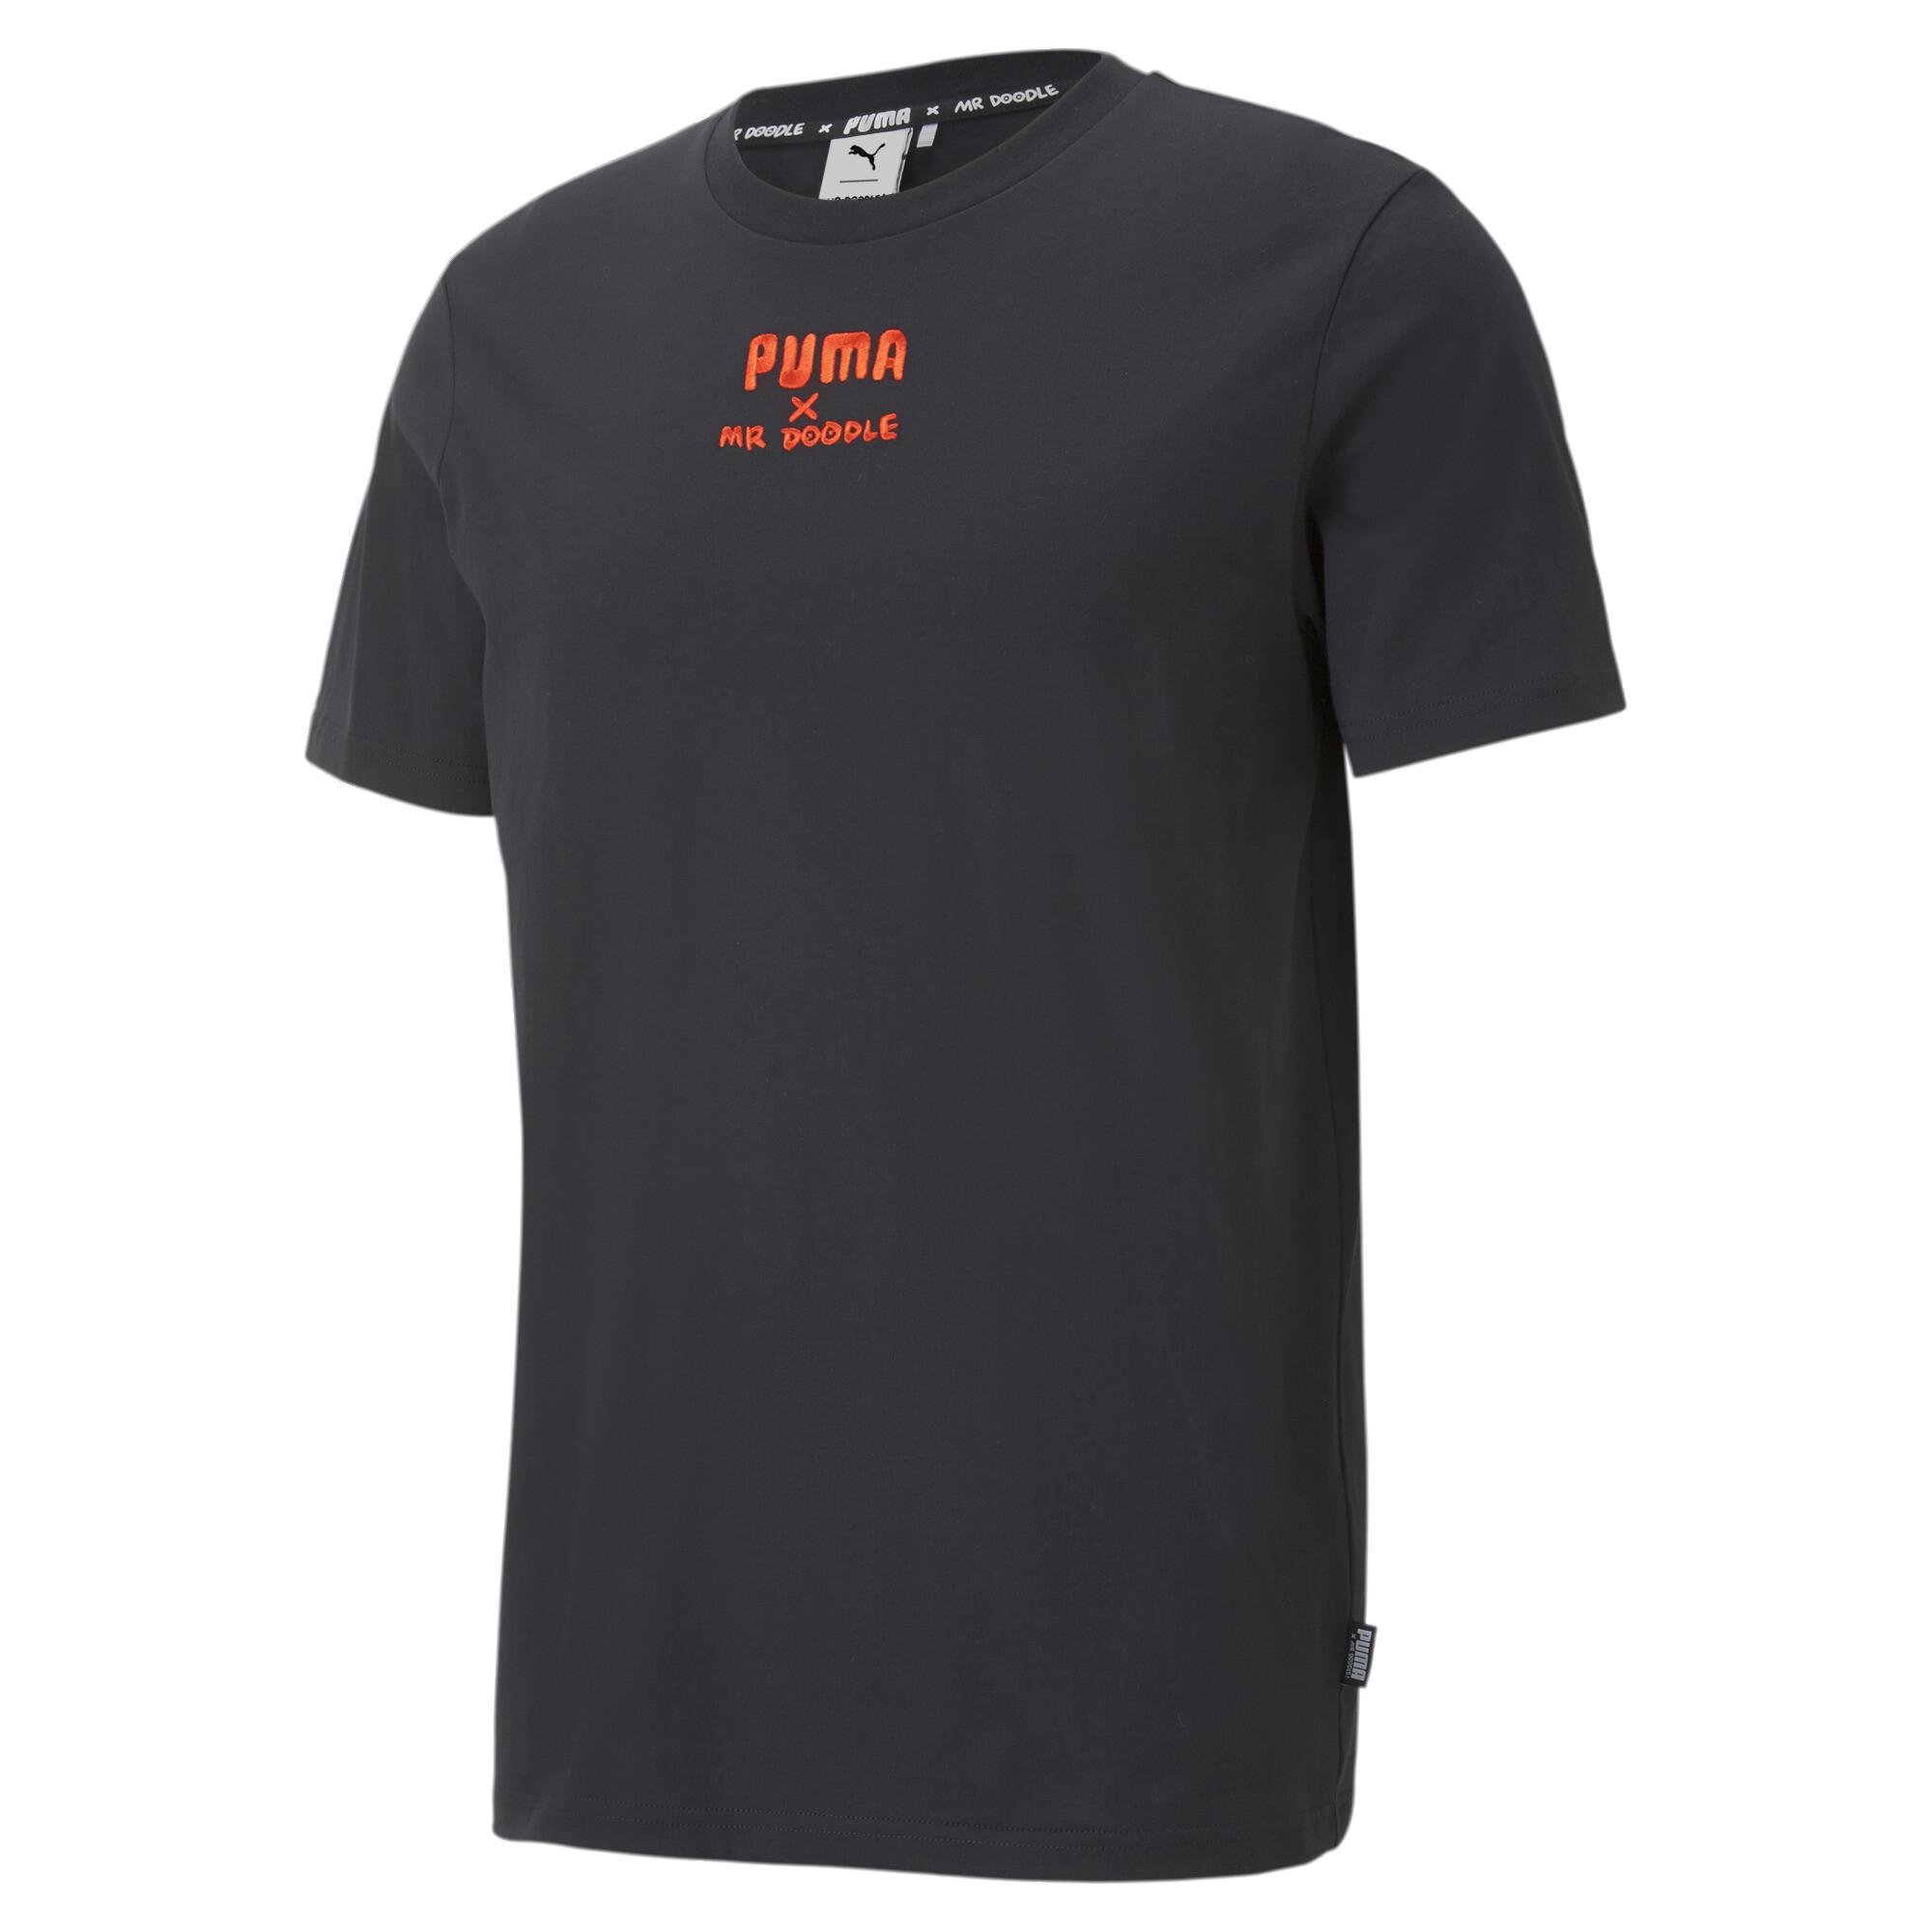 【プーマ公式通販】 プーマ PUMA x MR DOODLE 半袖 Tシャツ メンズ Puma Black  PUMA.com